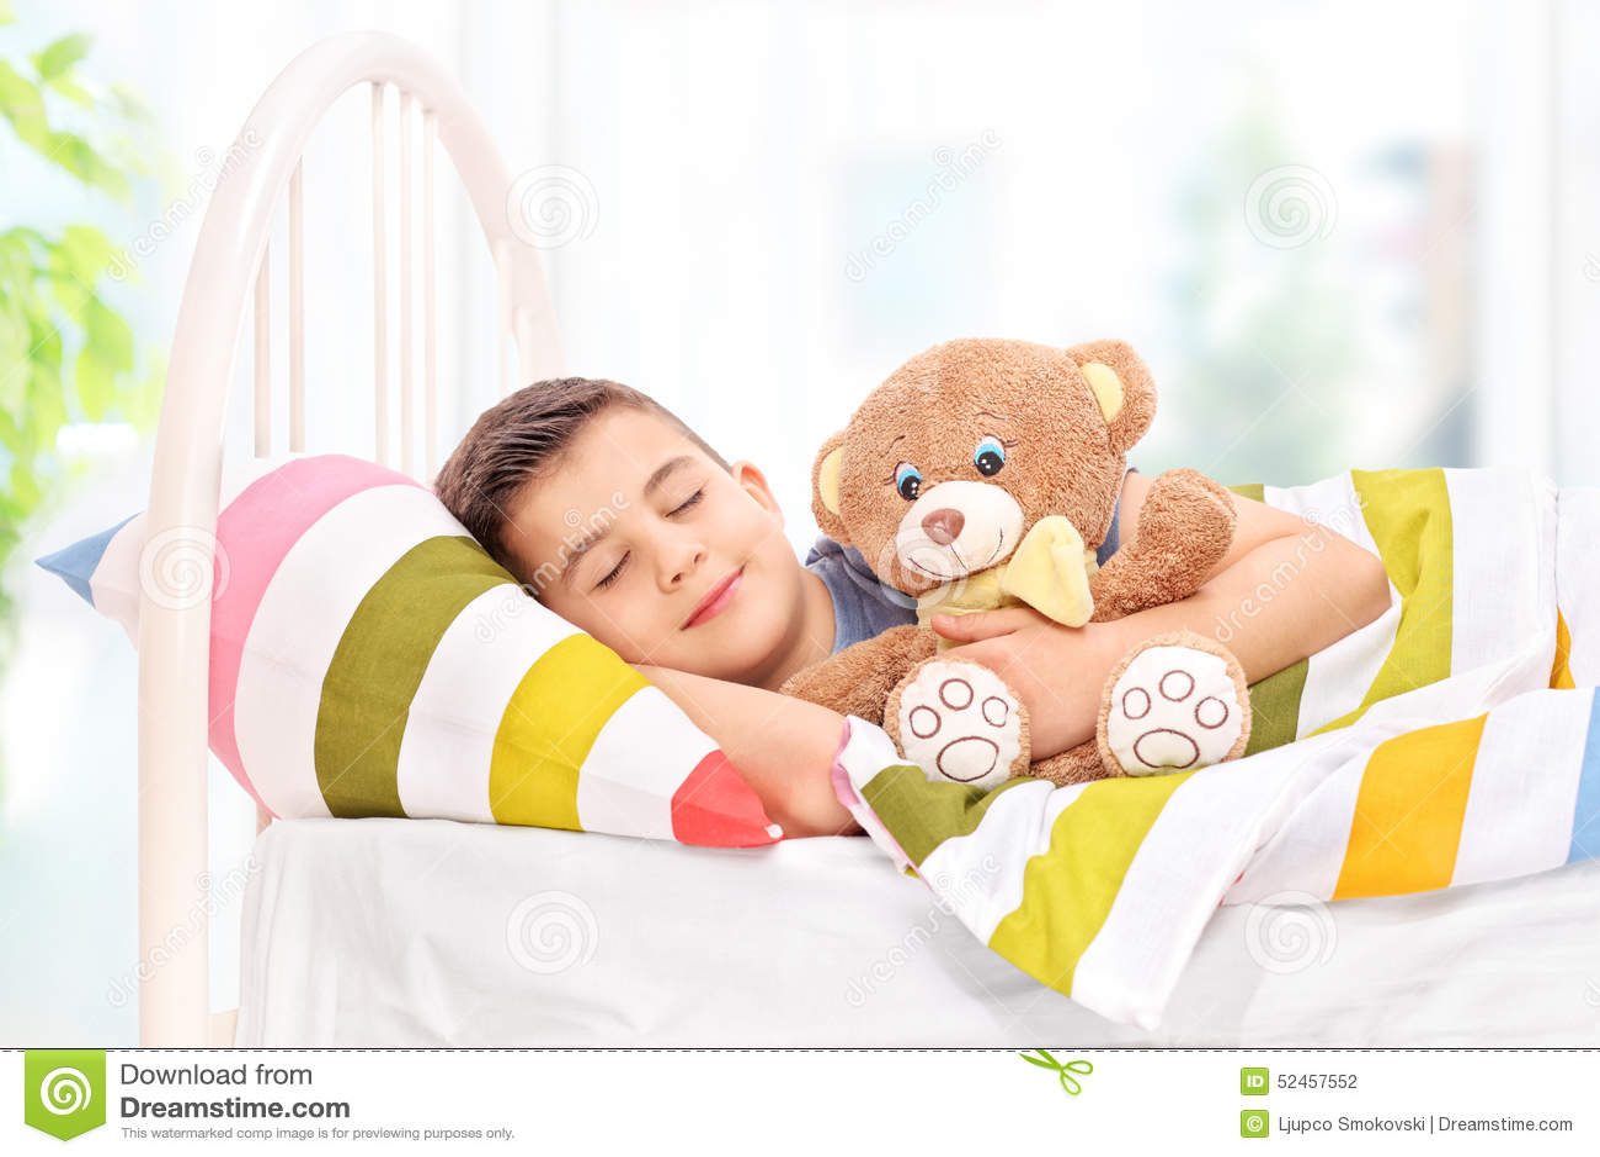 Teddy Bear Sleeping Bed